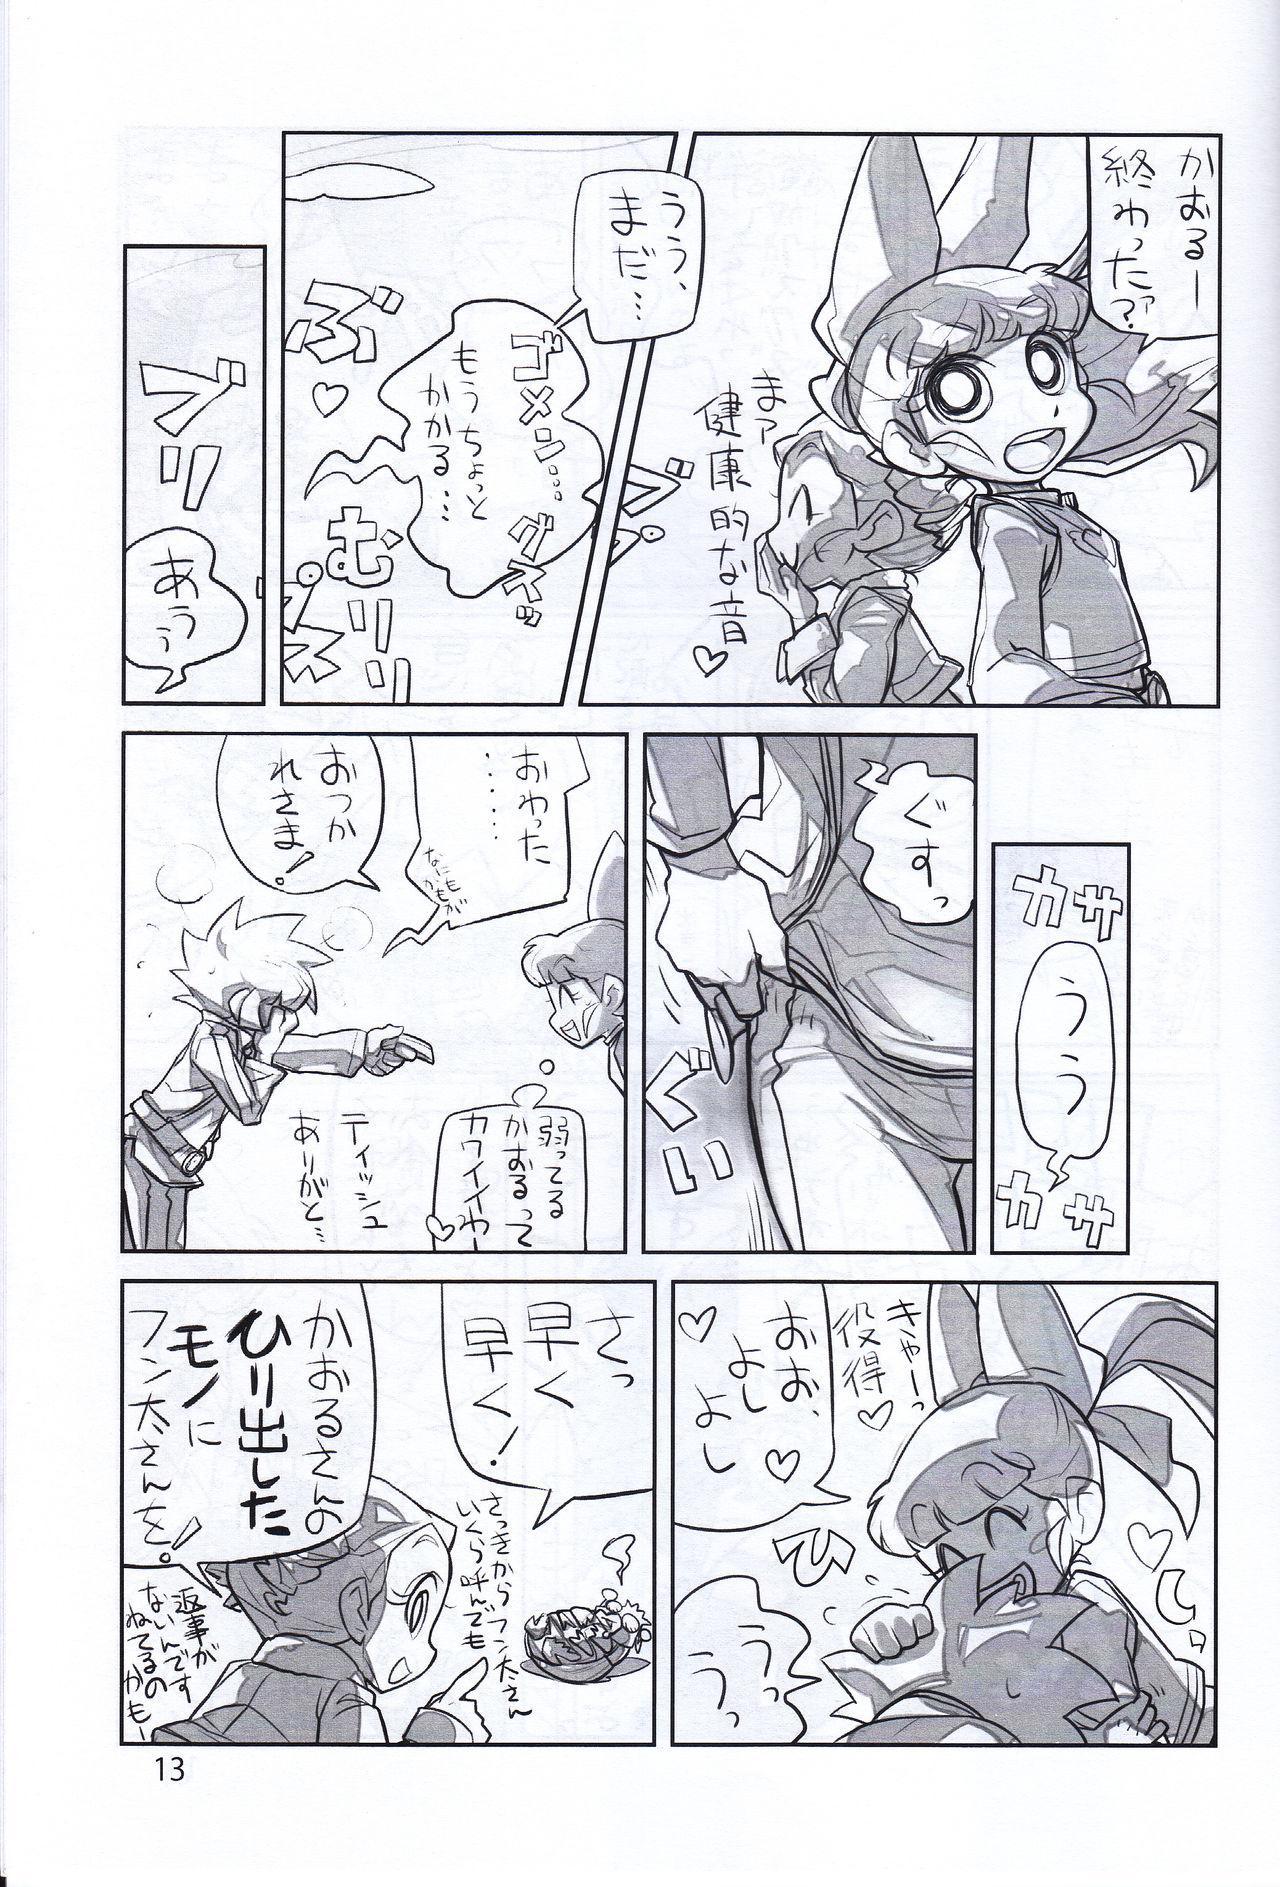 Juicy6 12